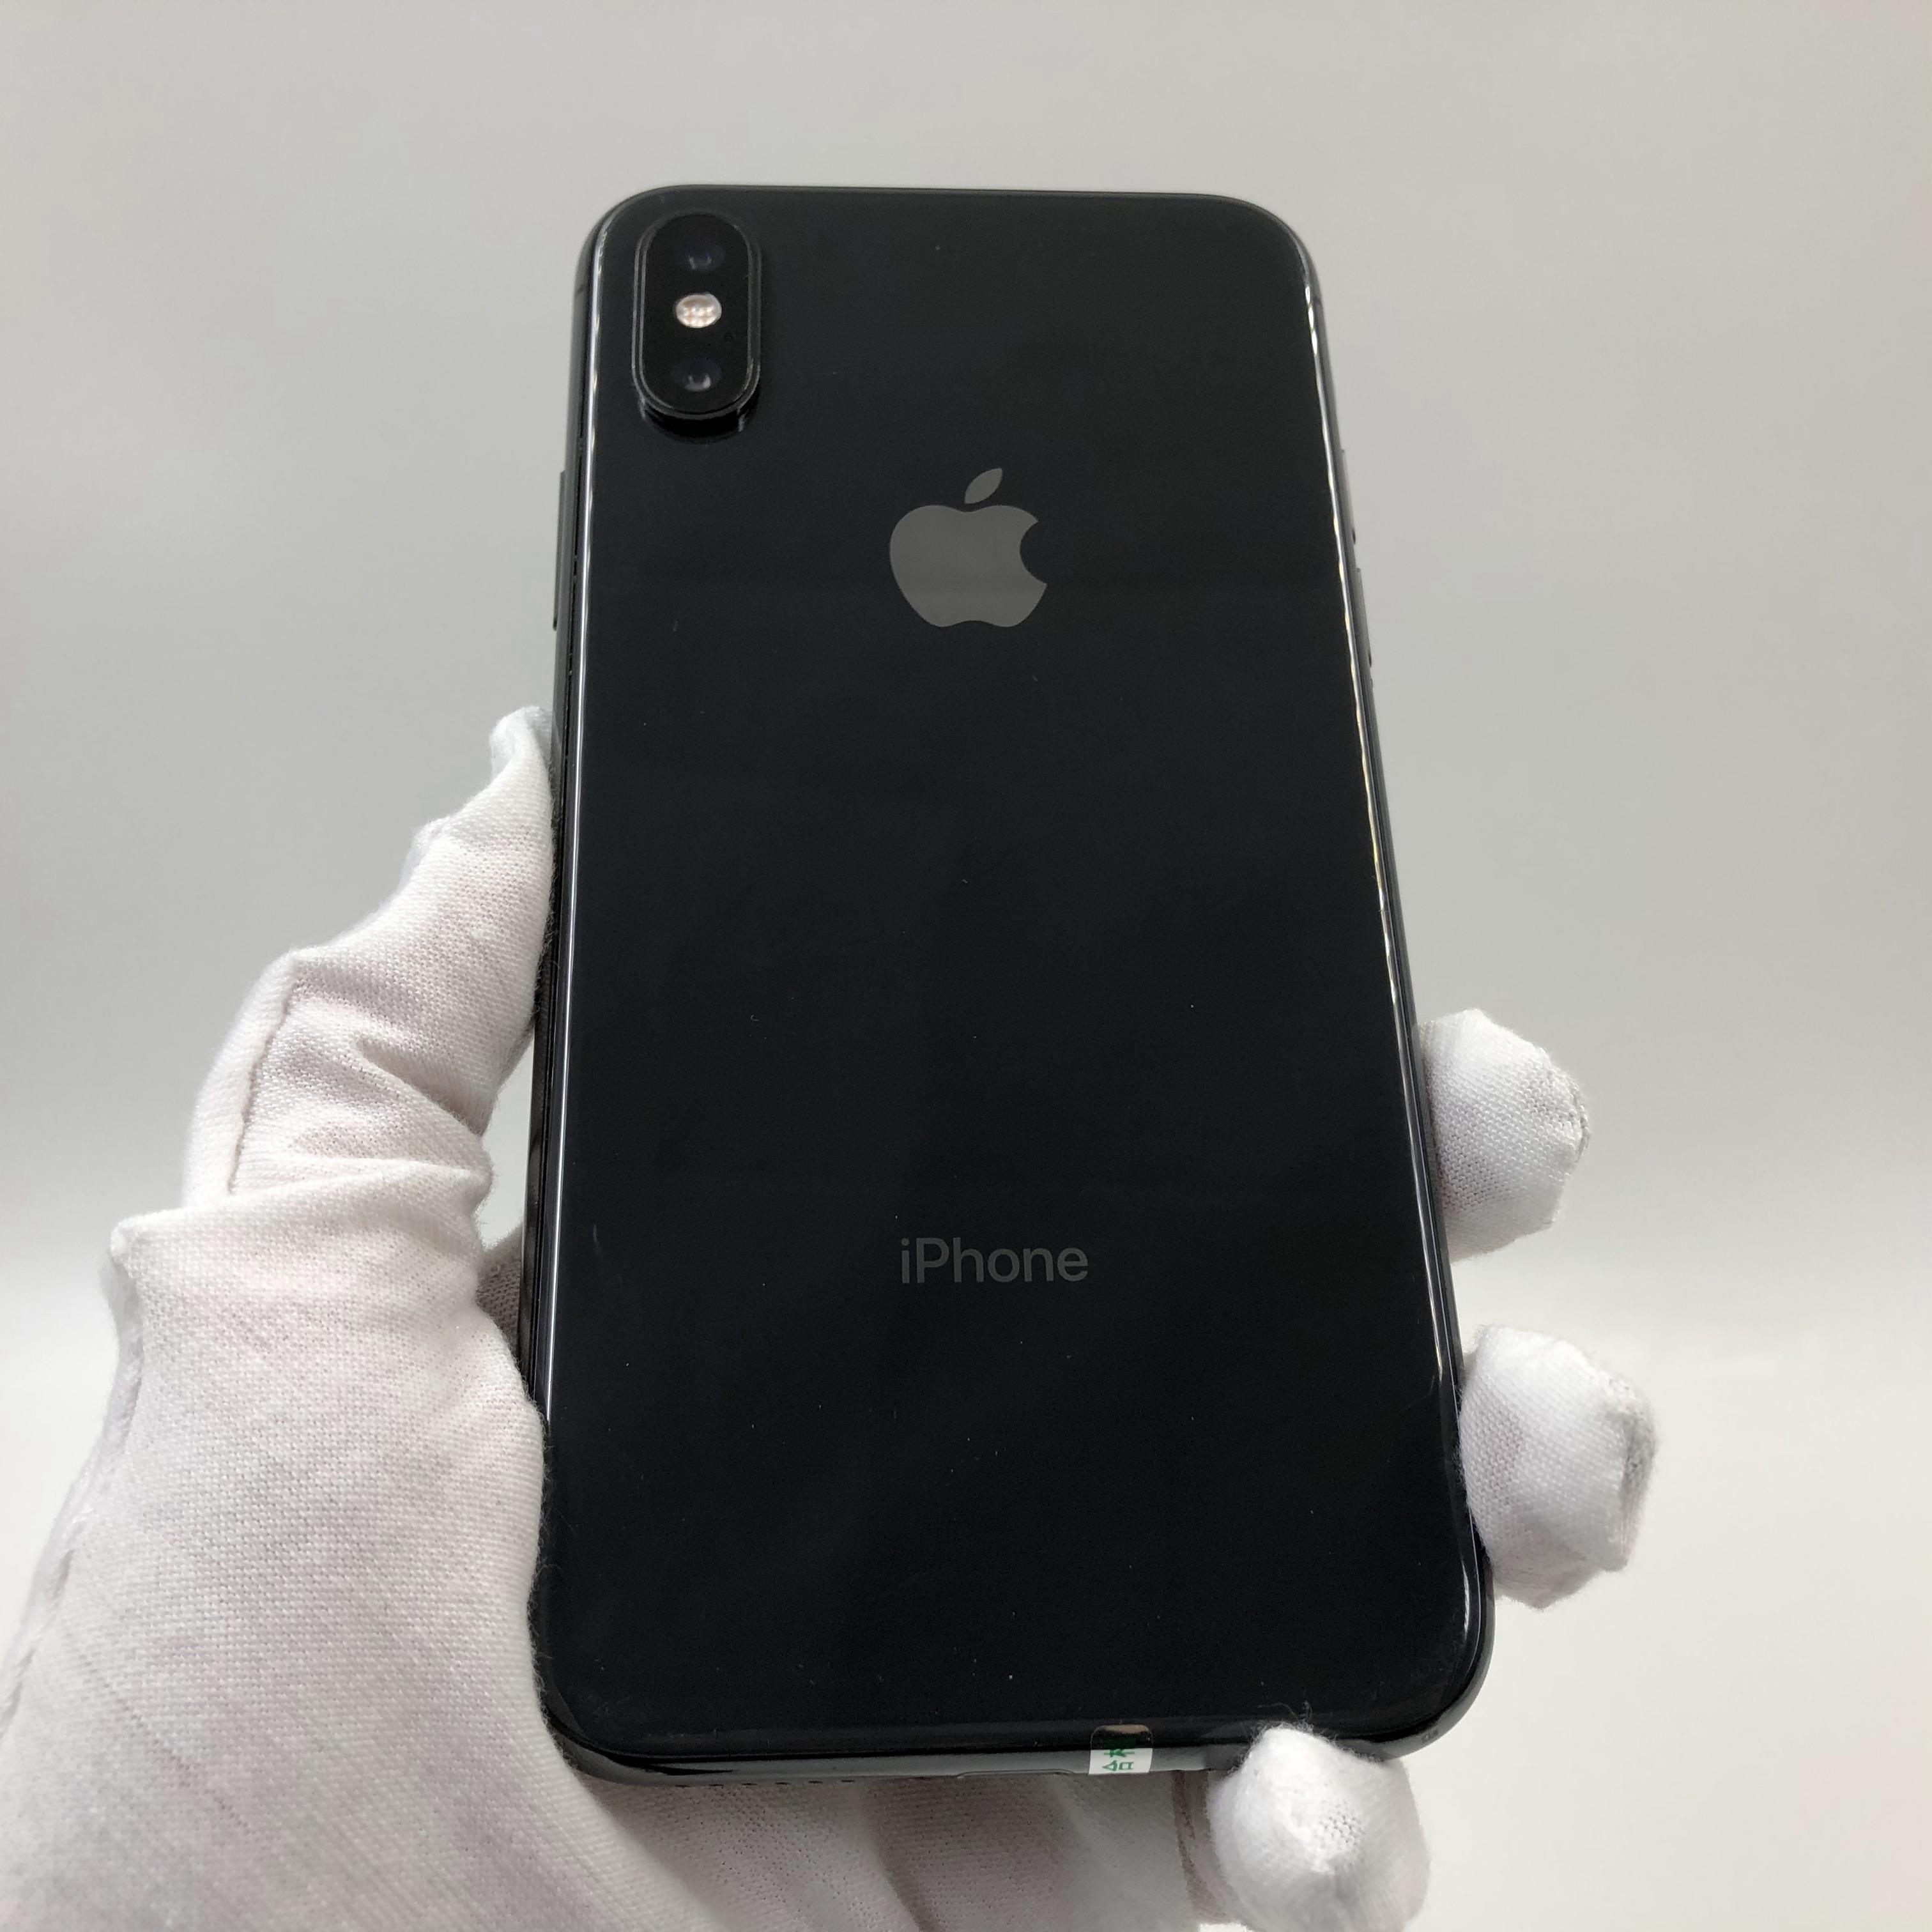 苹果【iPhone Xs】4G全网通 深空灰 256G 国行 8成新 真机实拍